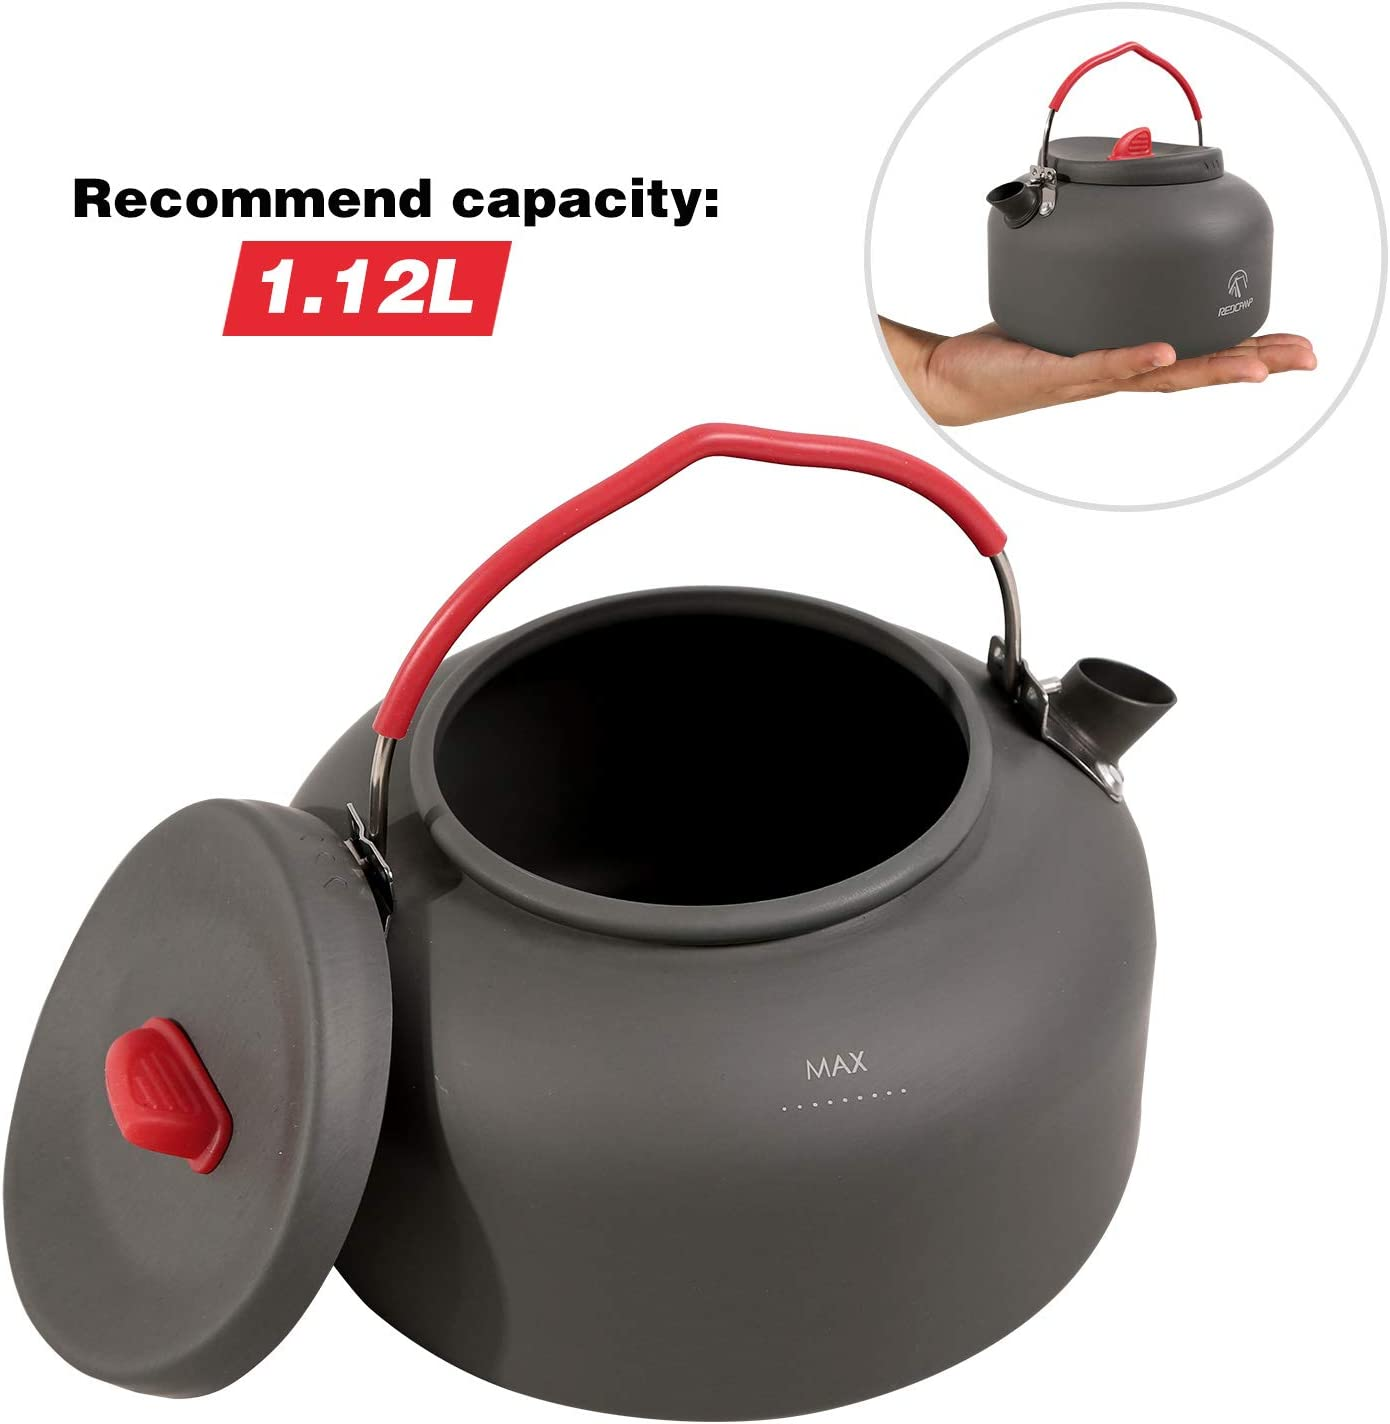 REDCAMP 1,1 l Hervidor de Agua de Aluminio con Bolsa de Transporte Compacto y Ligero 1,6 l